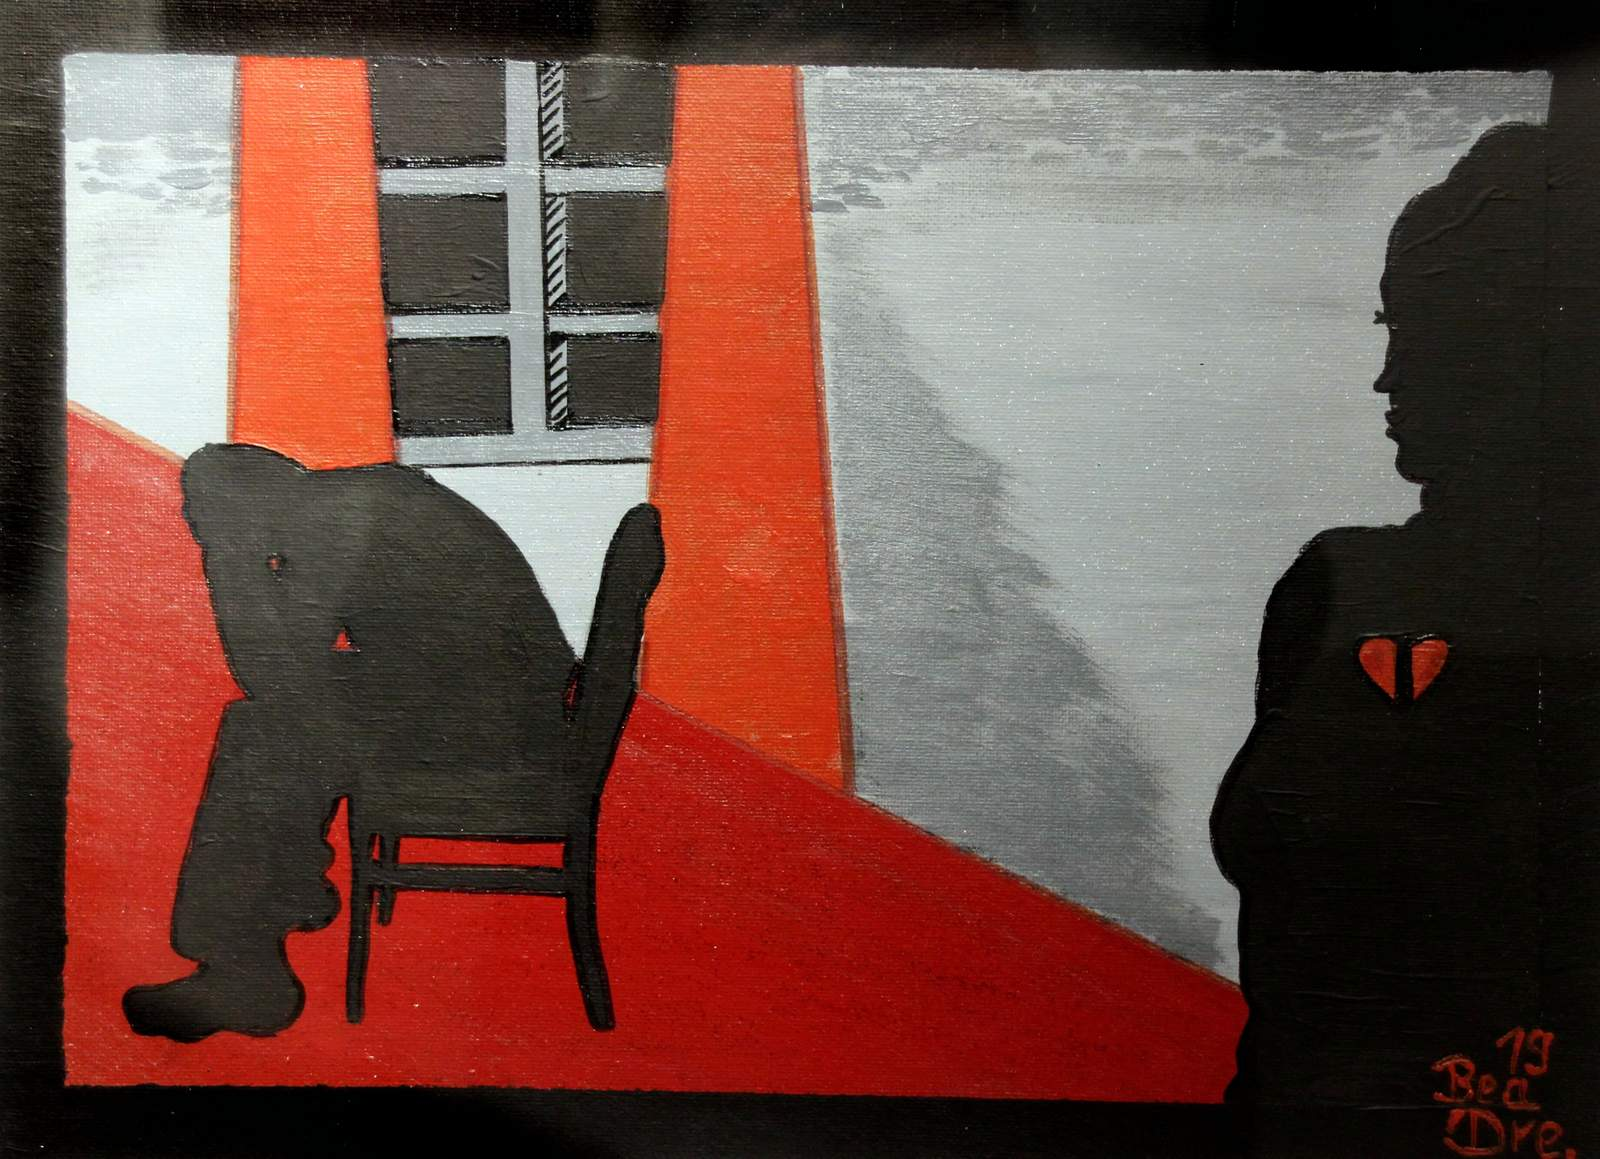 Liebe und Leid (3), Trilogie, Acrylfarbe, 40 x 50 cm, 2019